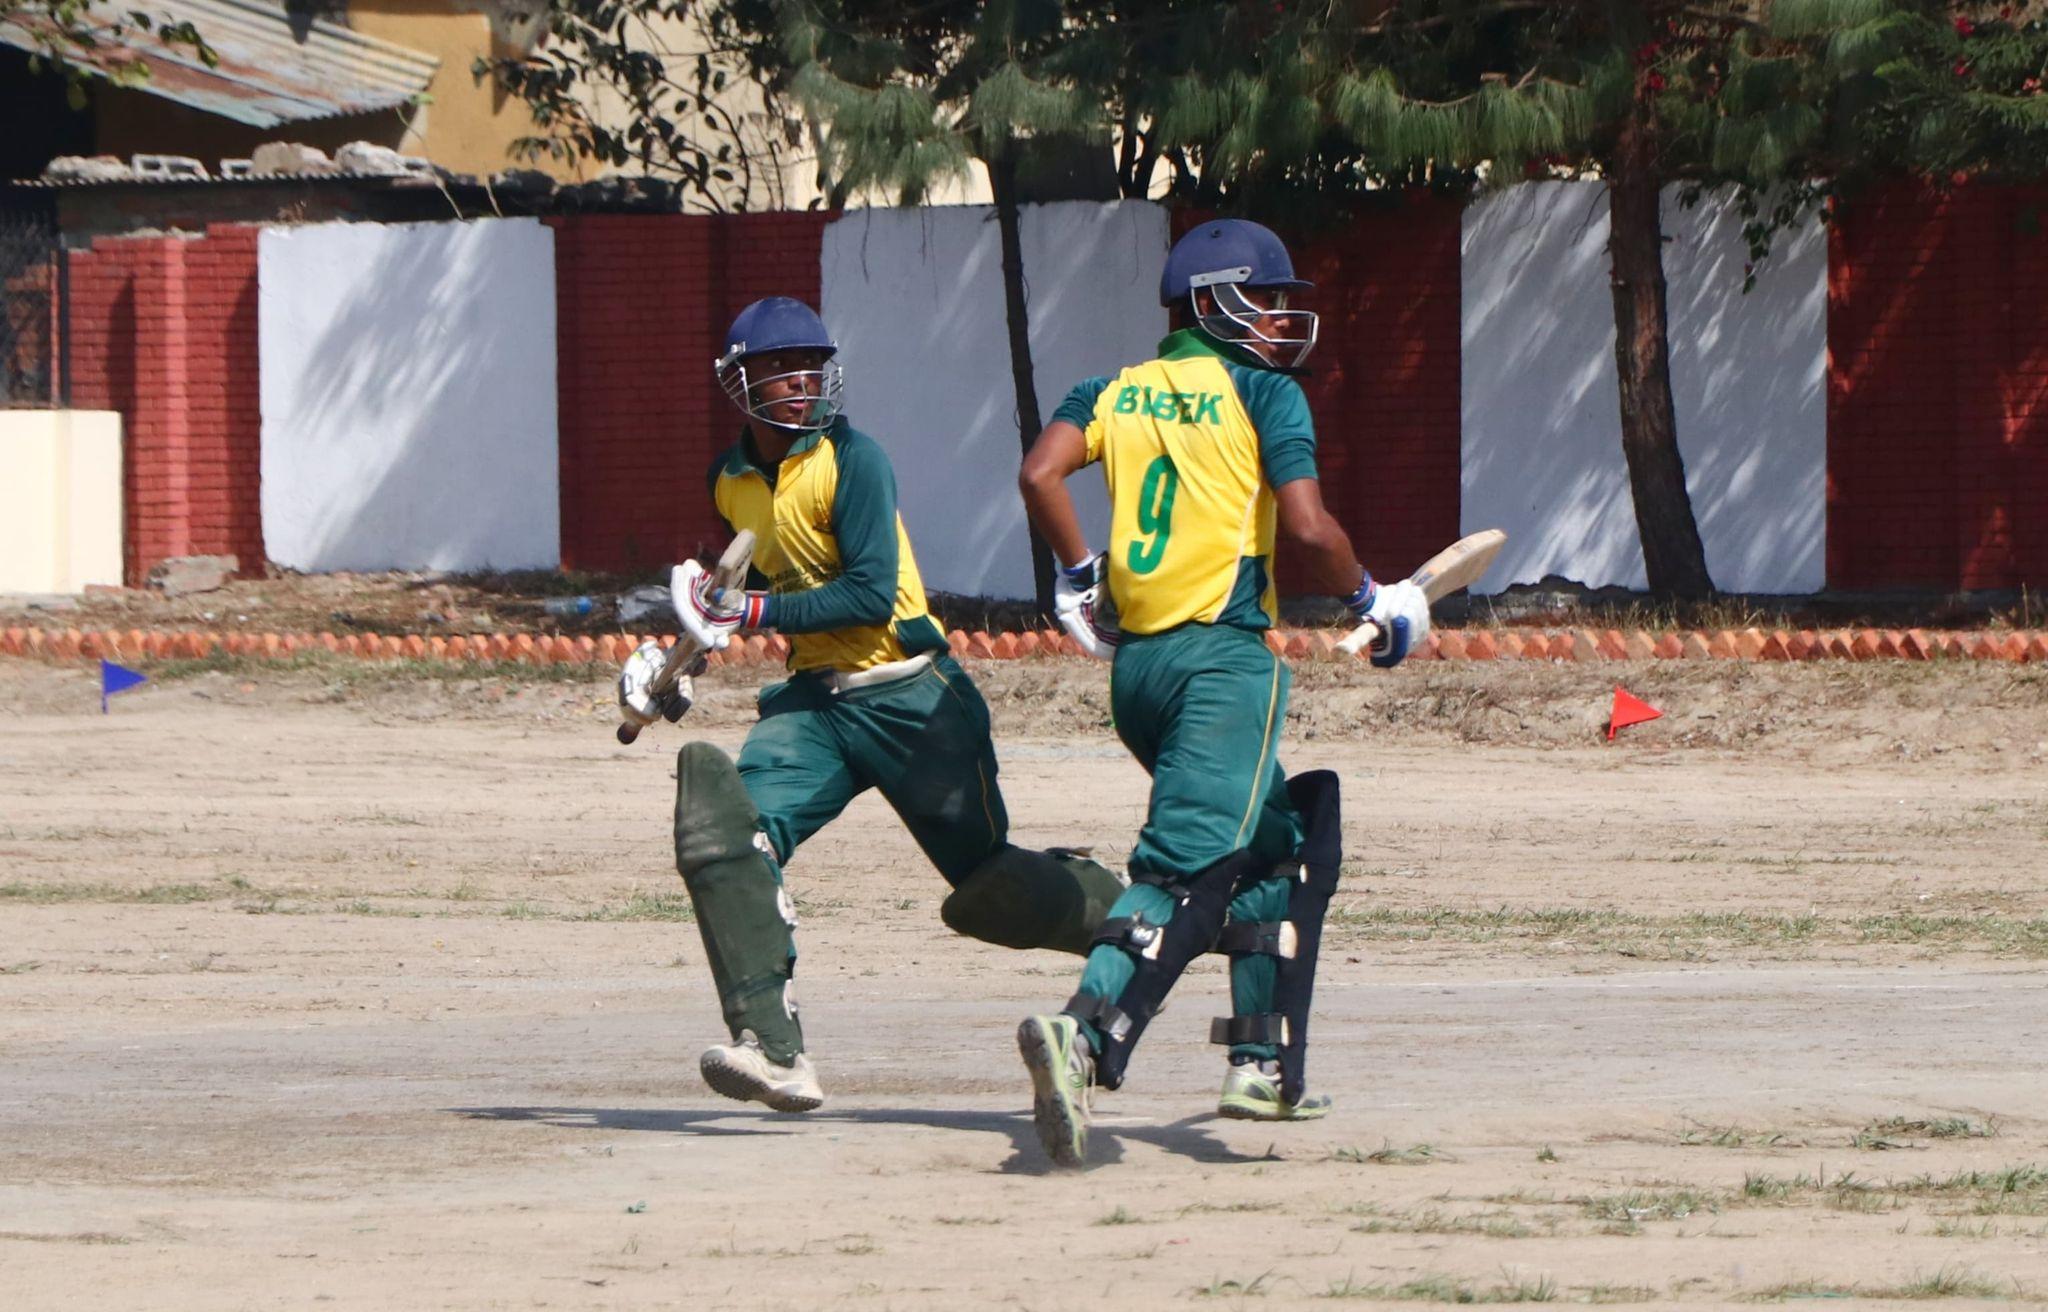 नेपाल पाकिस्तान फ्रेन्डसिप क्रिकेट: हाम्रो किचन र बलपार्क सेमिफाइनलमा